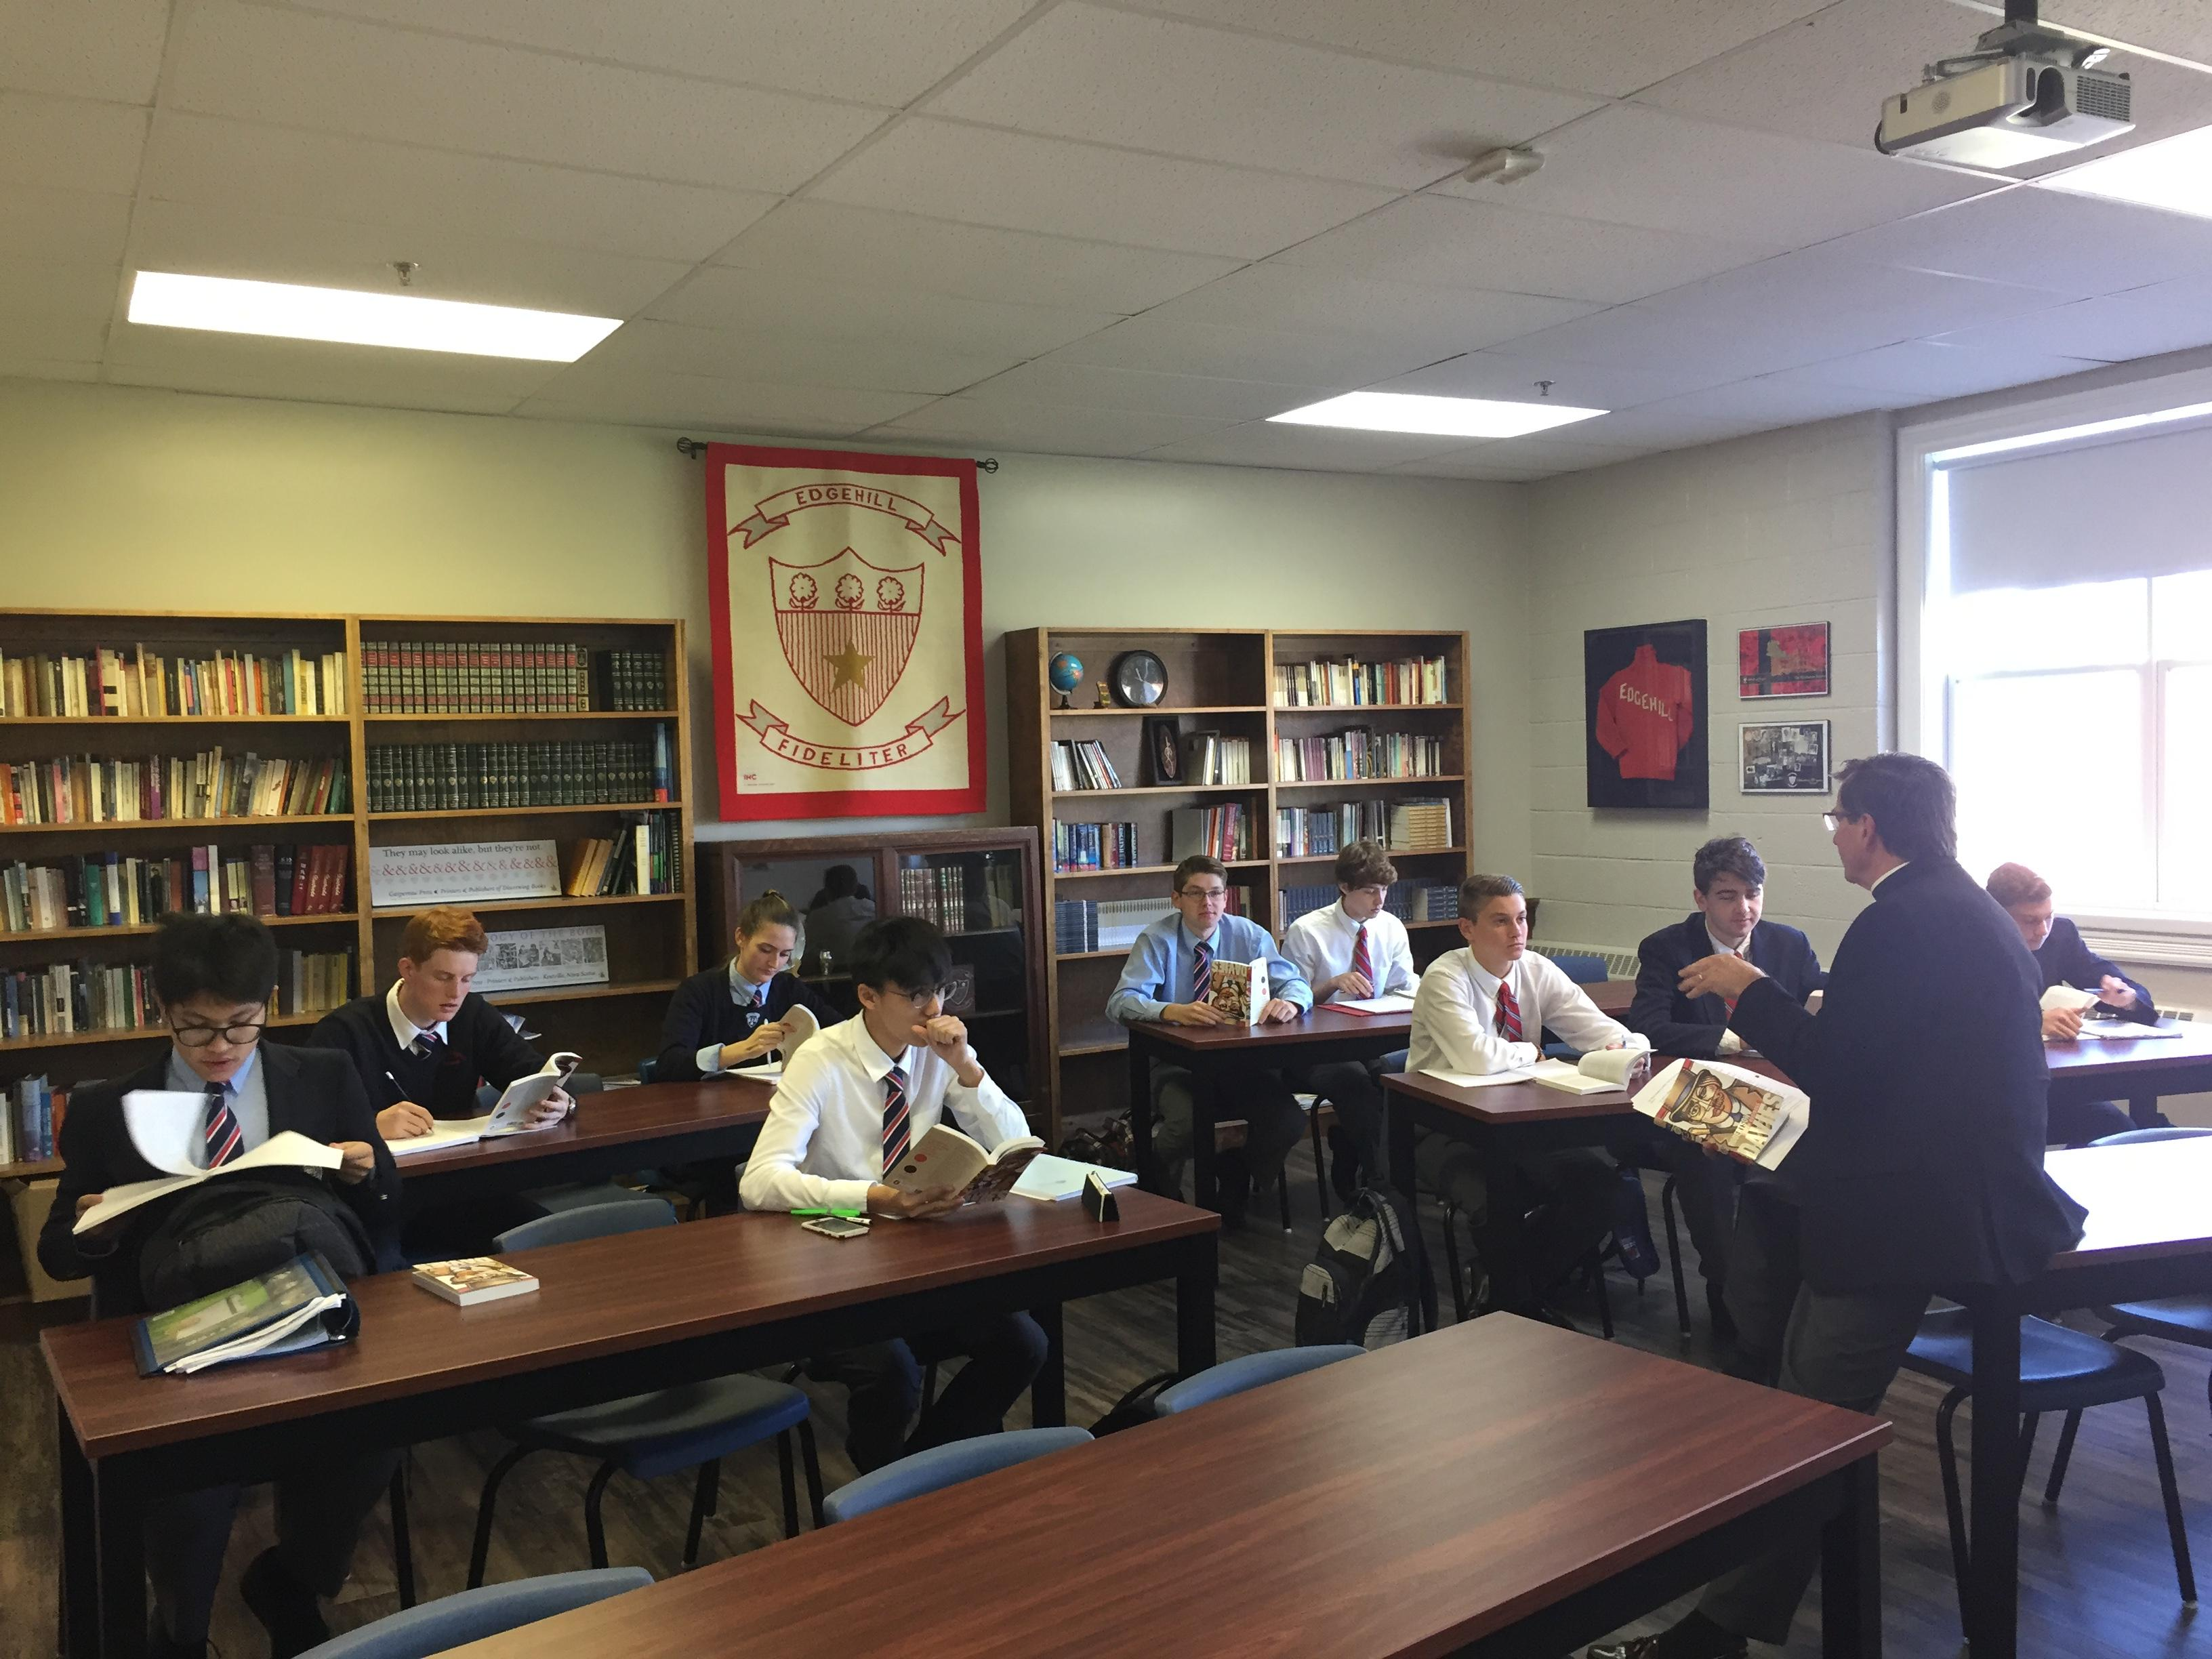 Rev classroom2.jpg